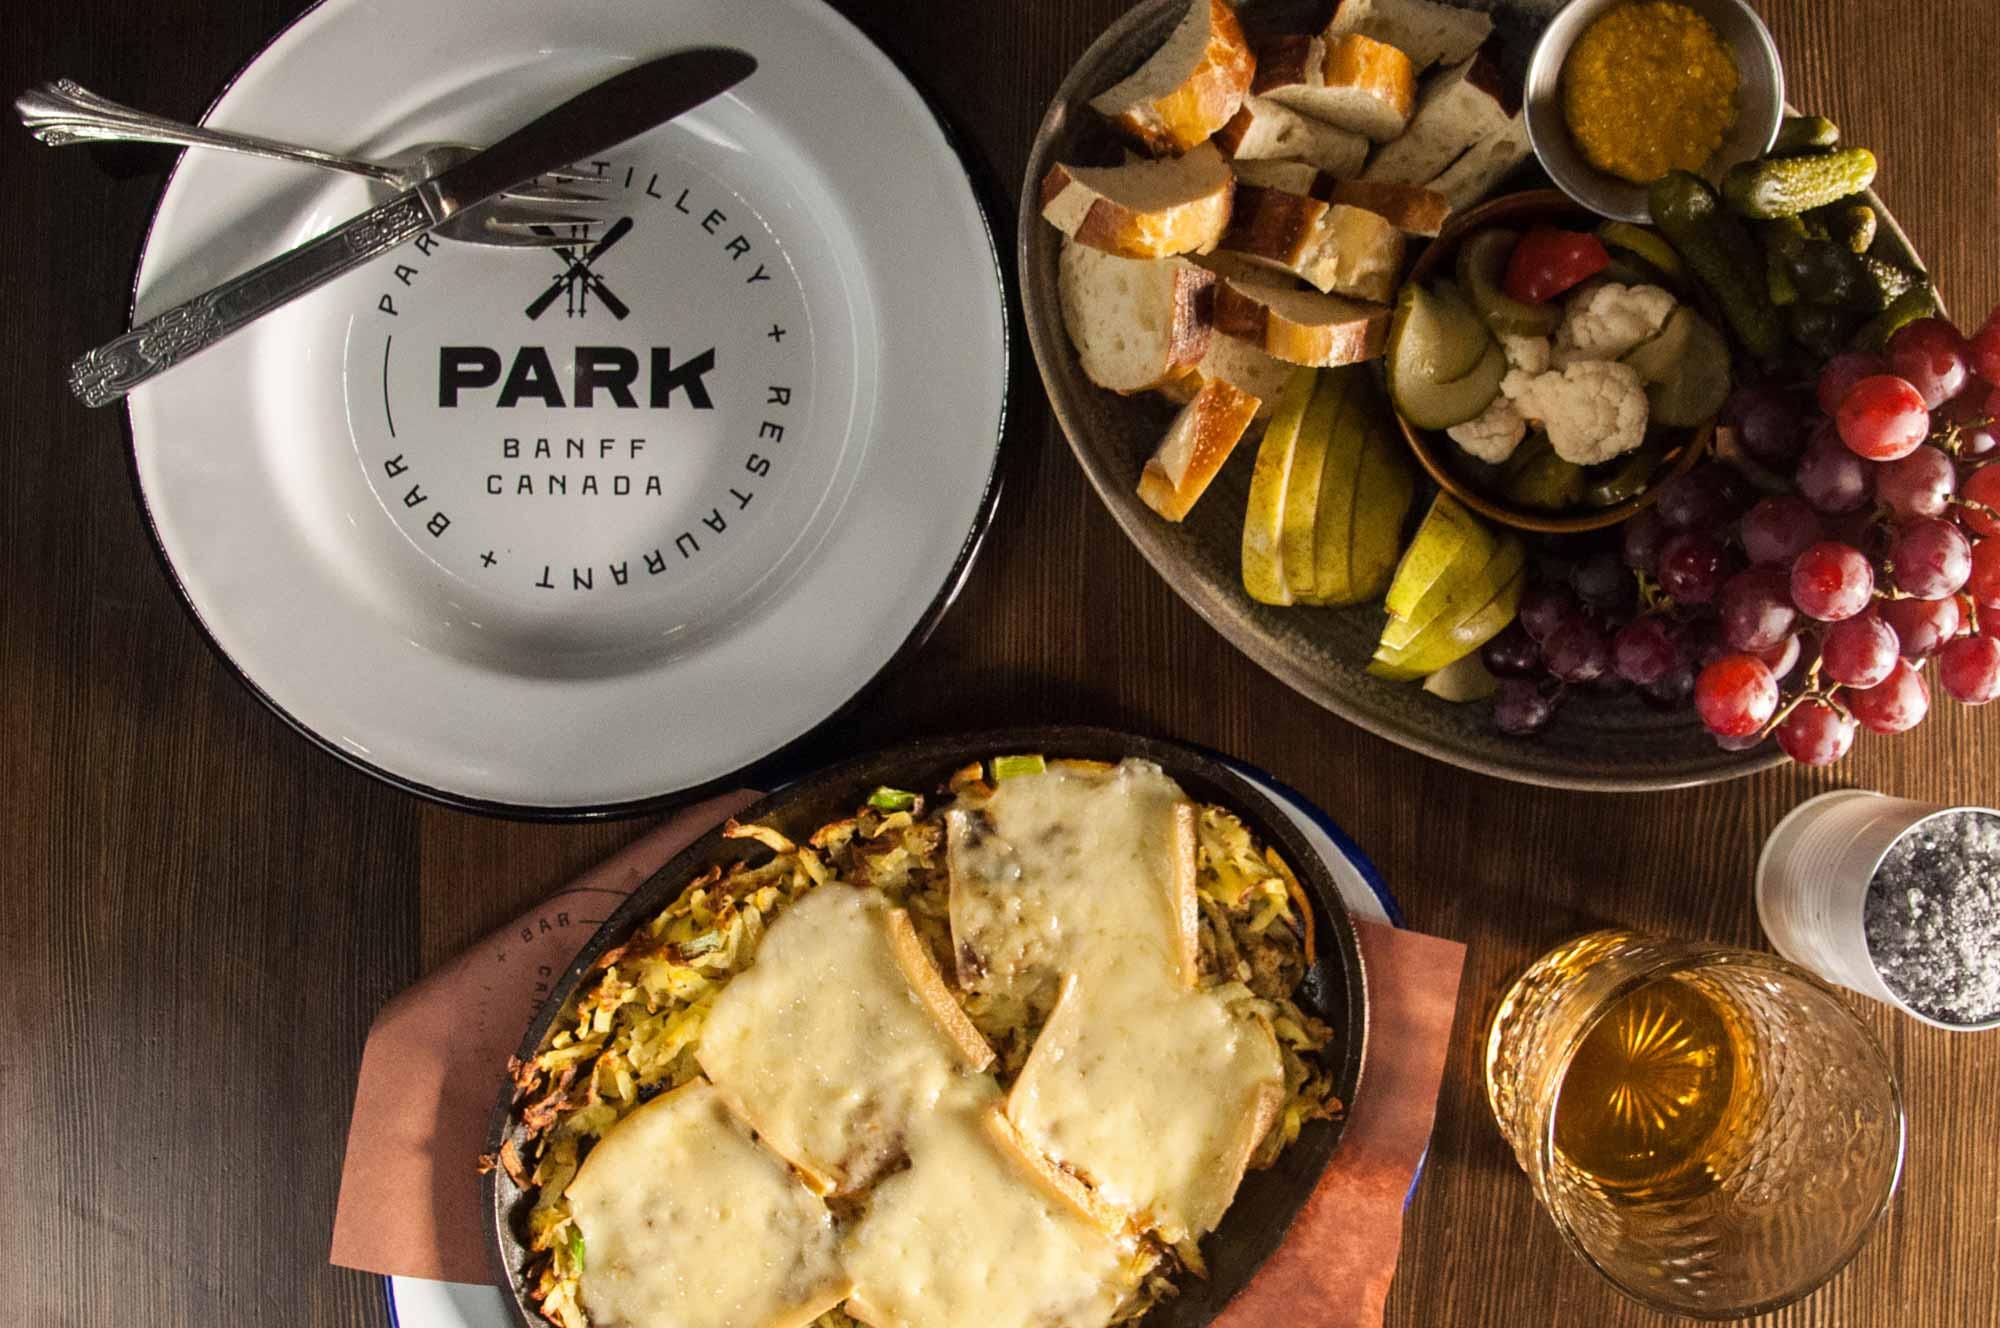 park-restaurant-and-bar-food